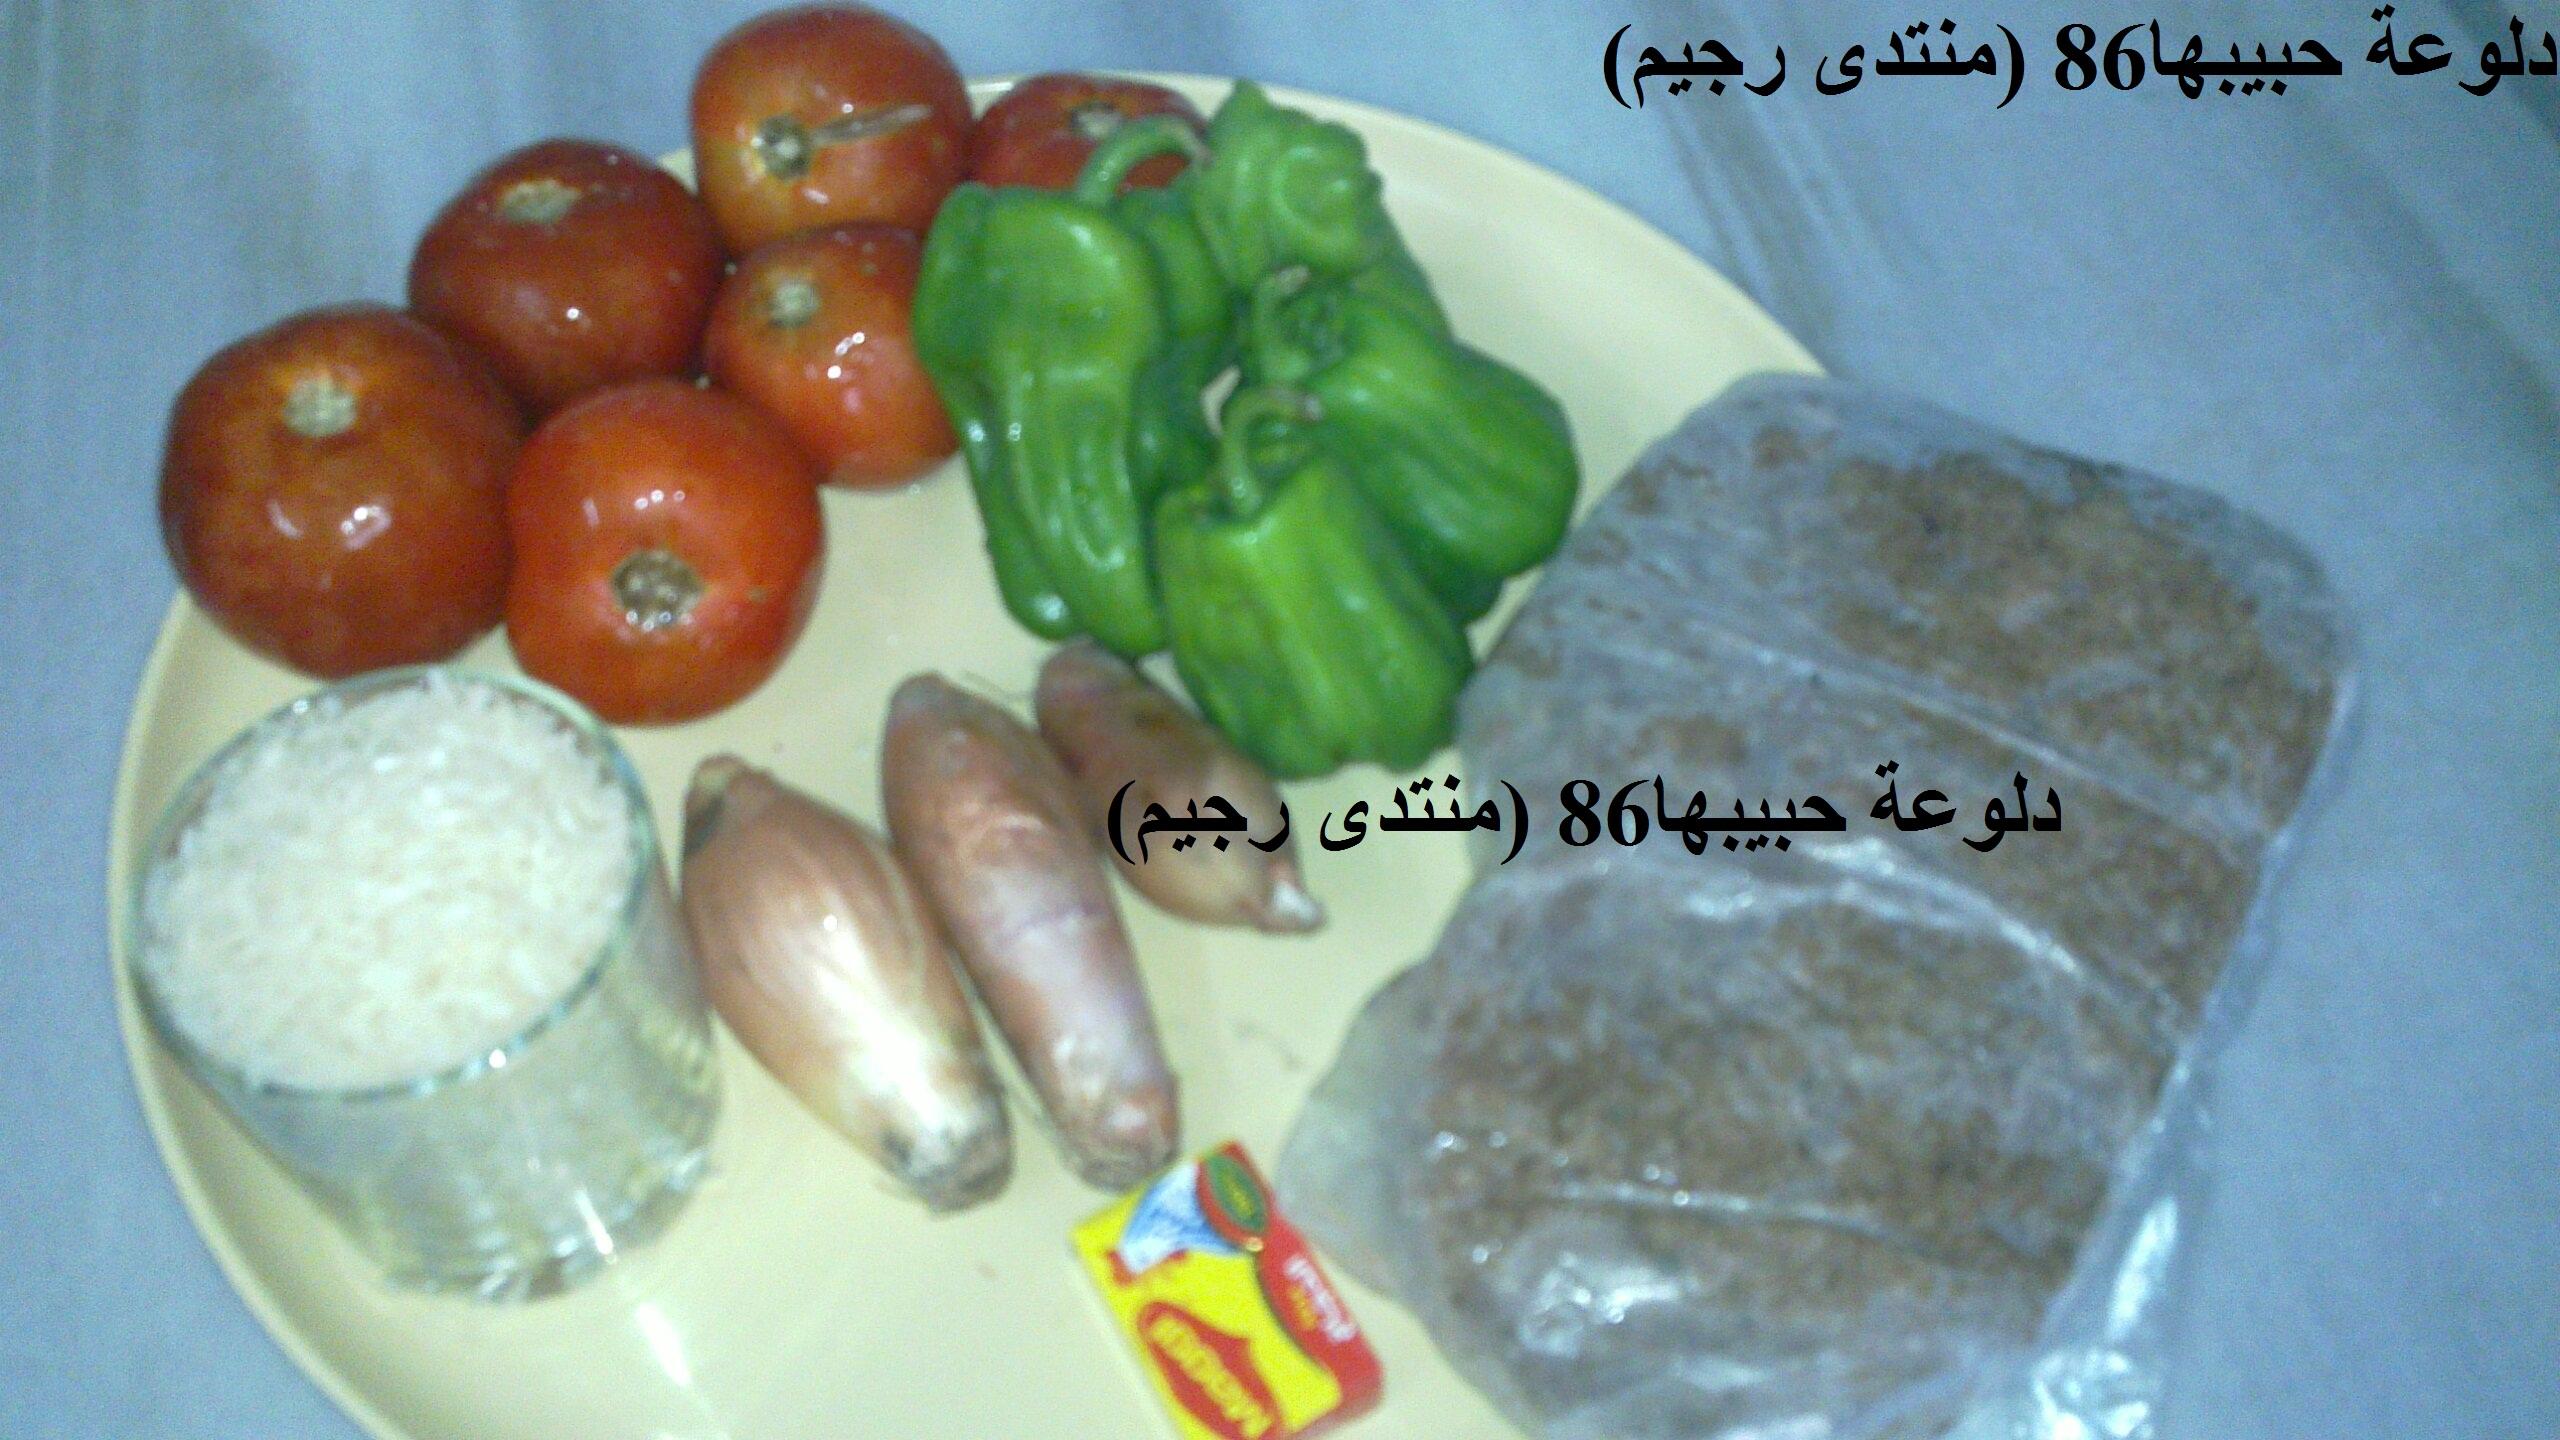 كباب هندي بالصور من مطبخي روعة وكلكم معزومين 13569390731.jpg